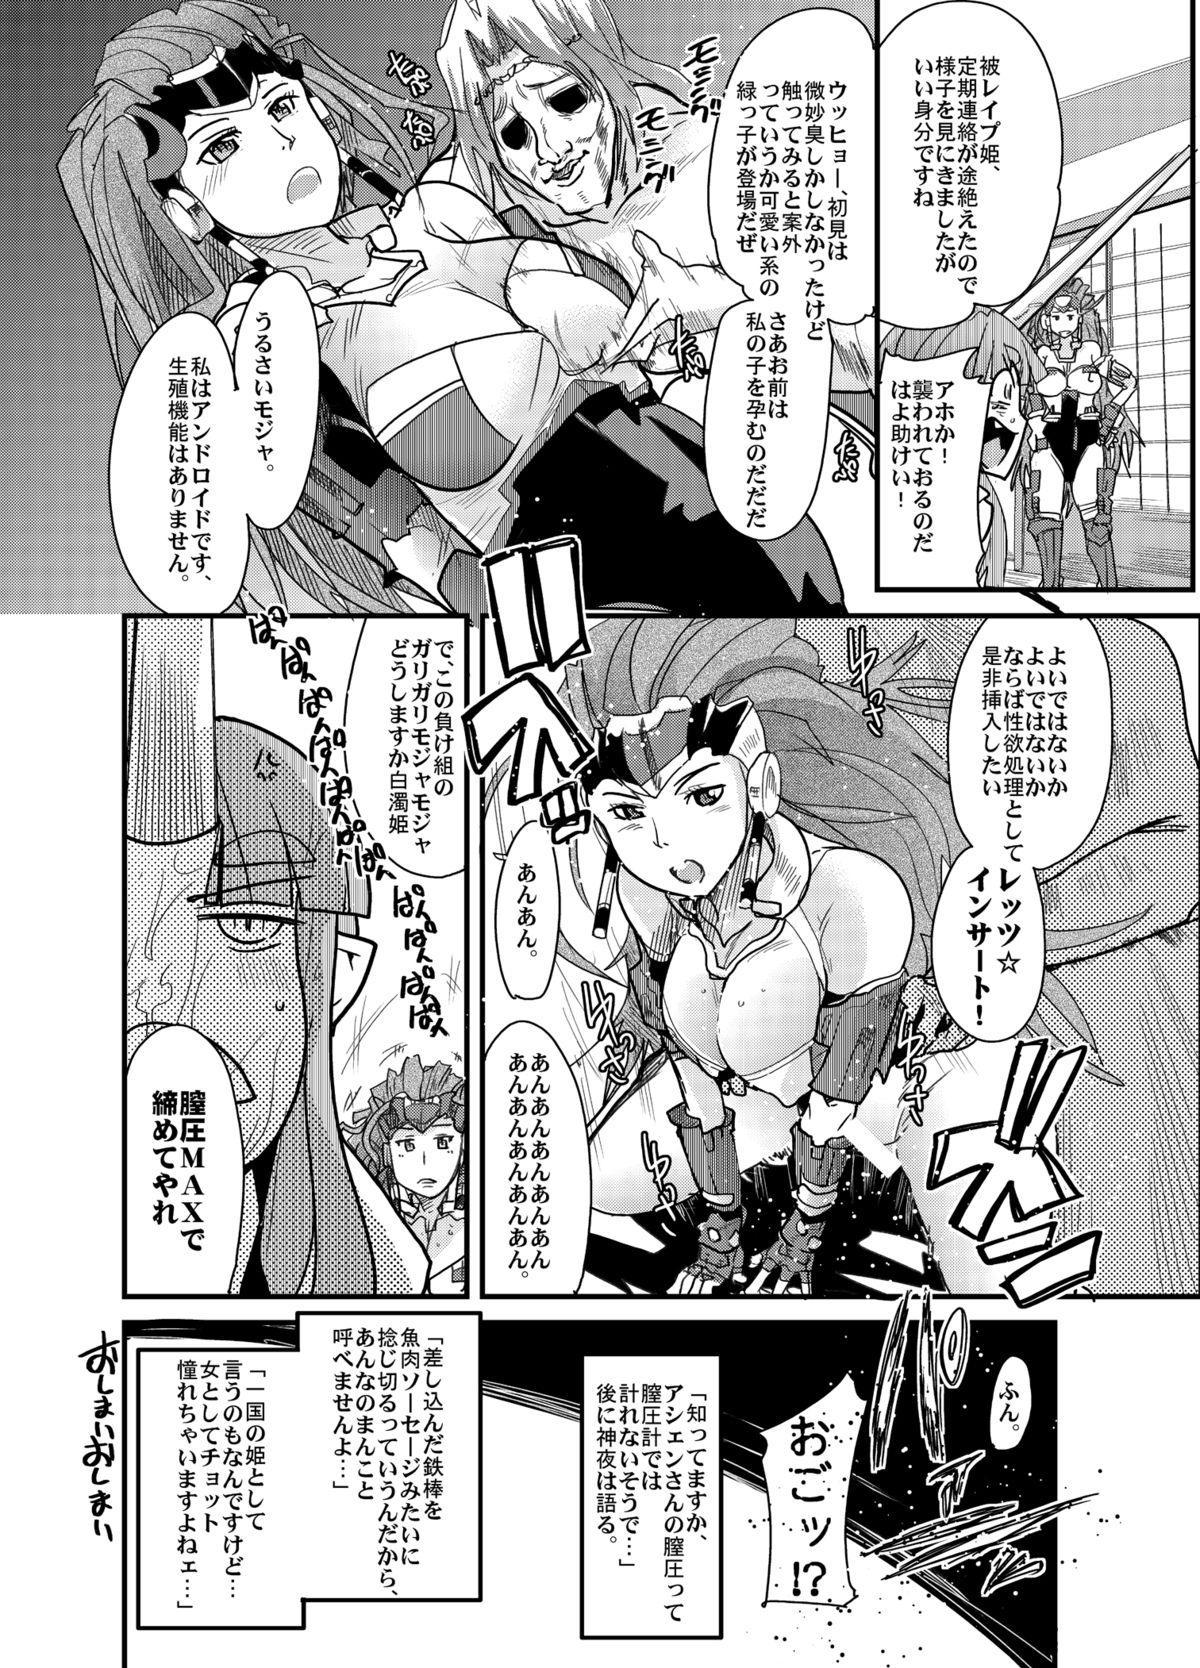 Boku no Watashi no Mugen no Super Bobobbo Taisen Frontier 18